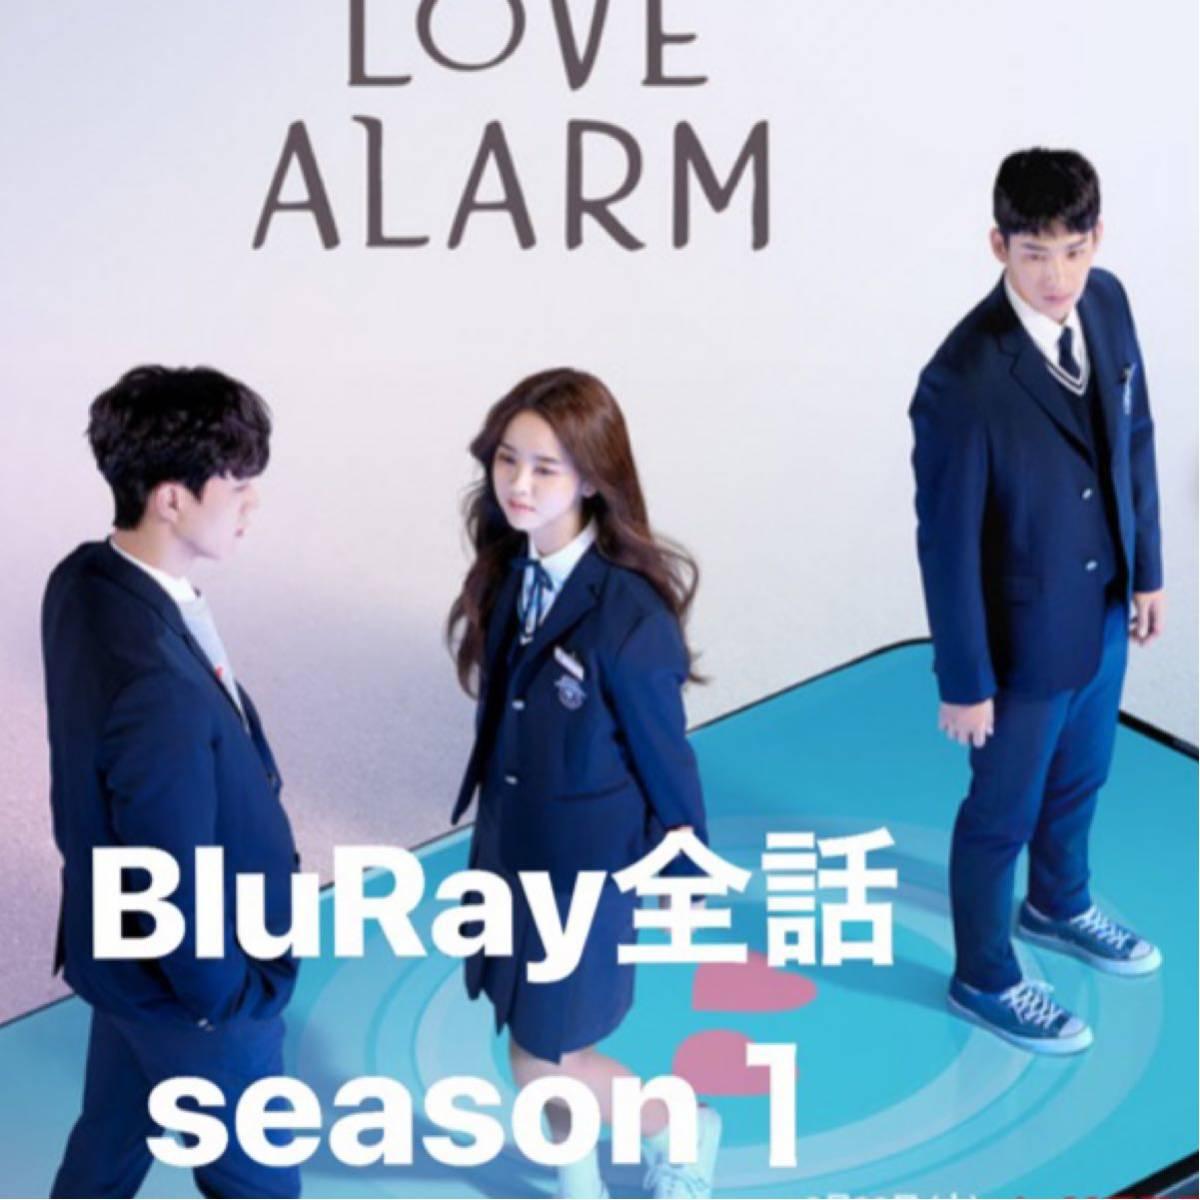 韓国ドラマ 恋するアプリseason1.2  BluRay全話セット